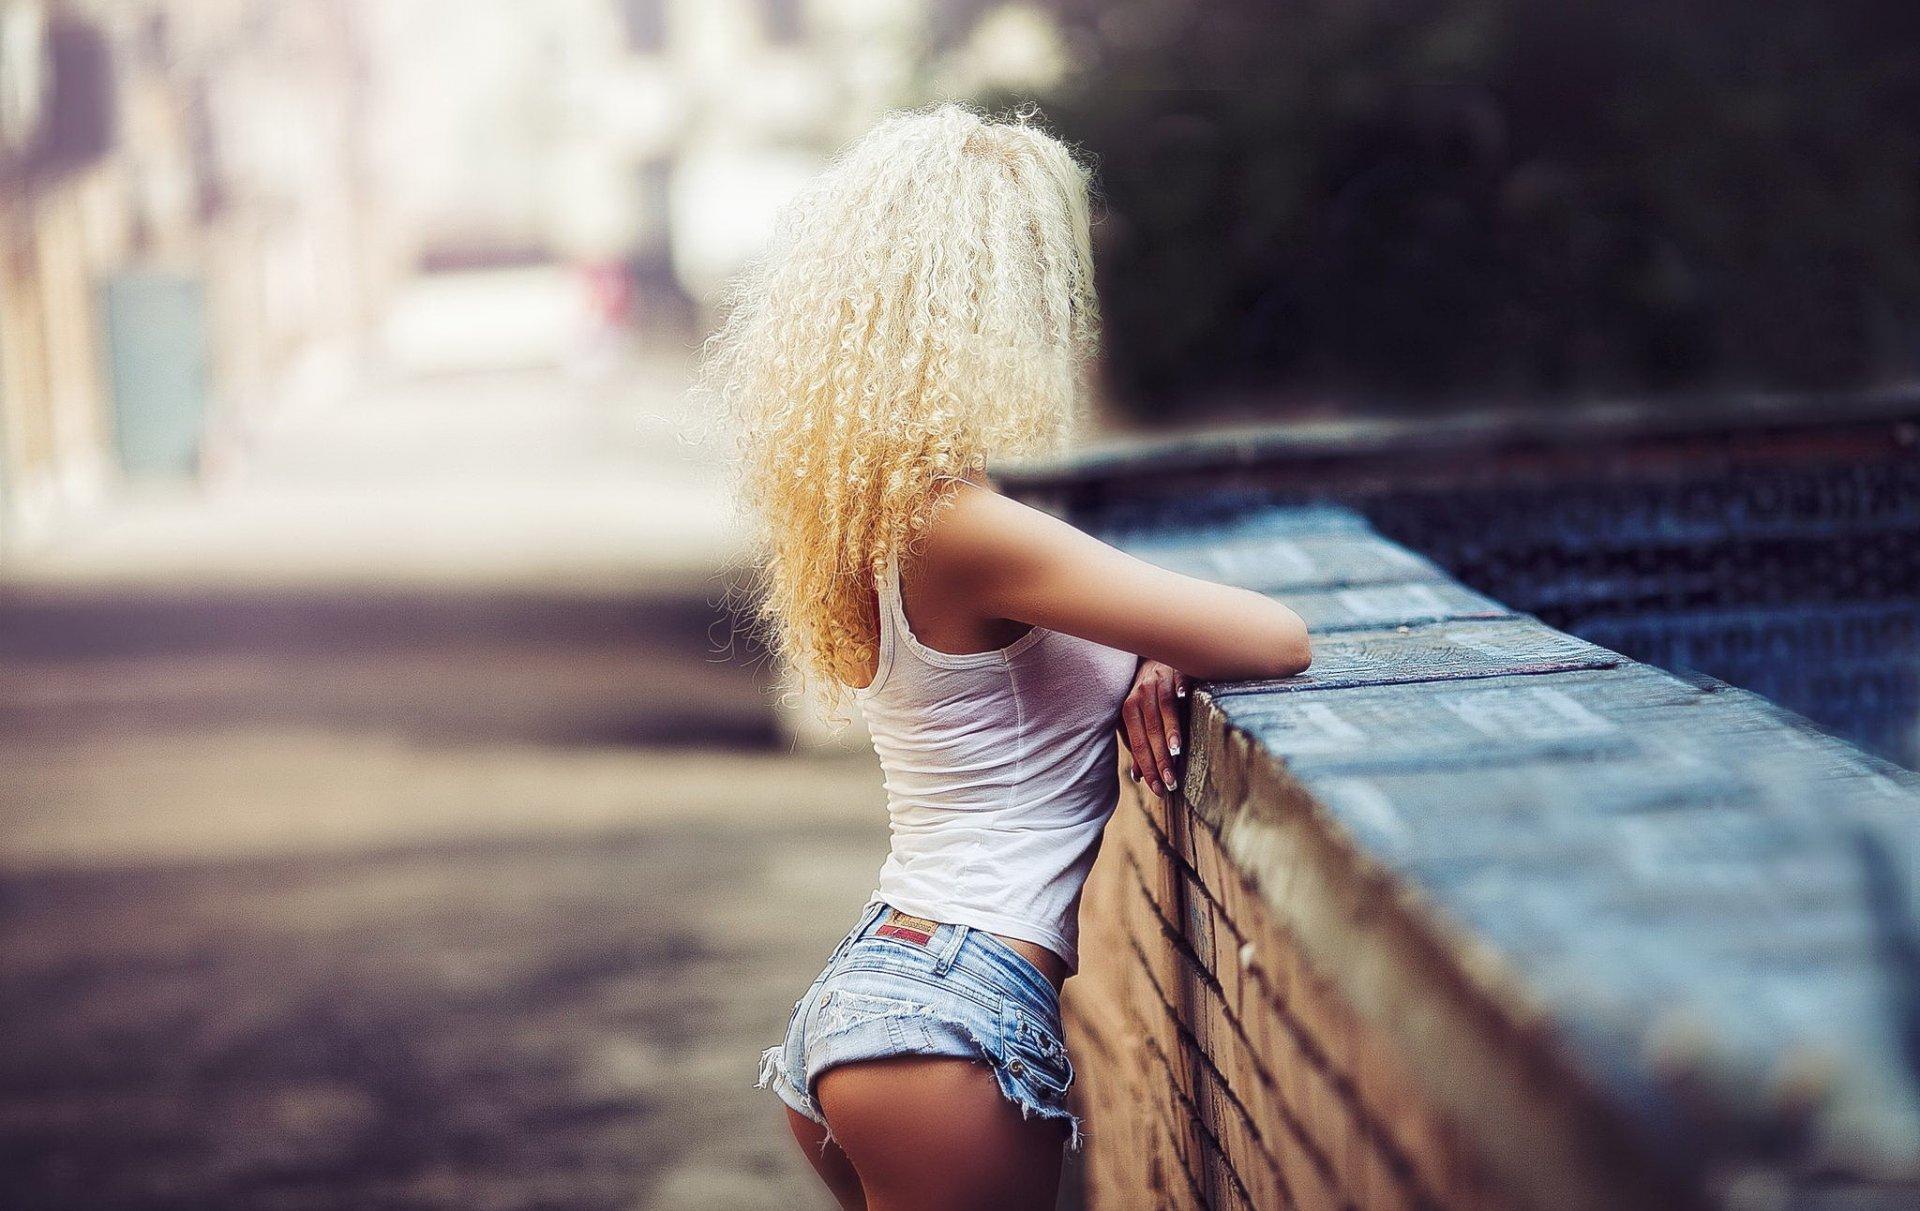 Картинка блондинки без лица, фоны